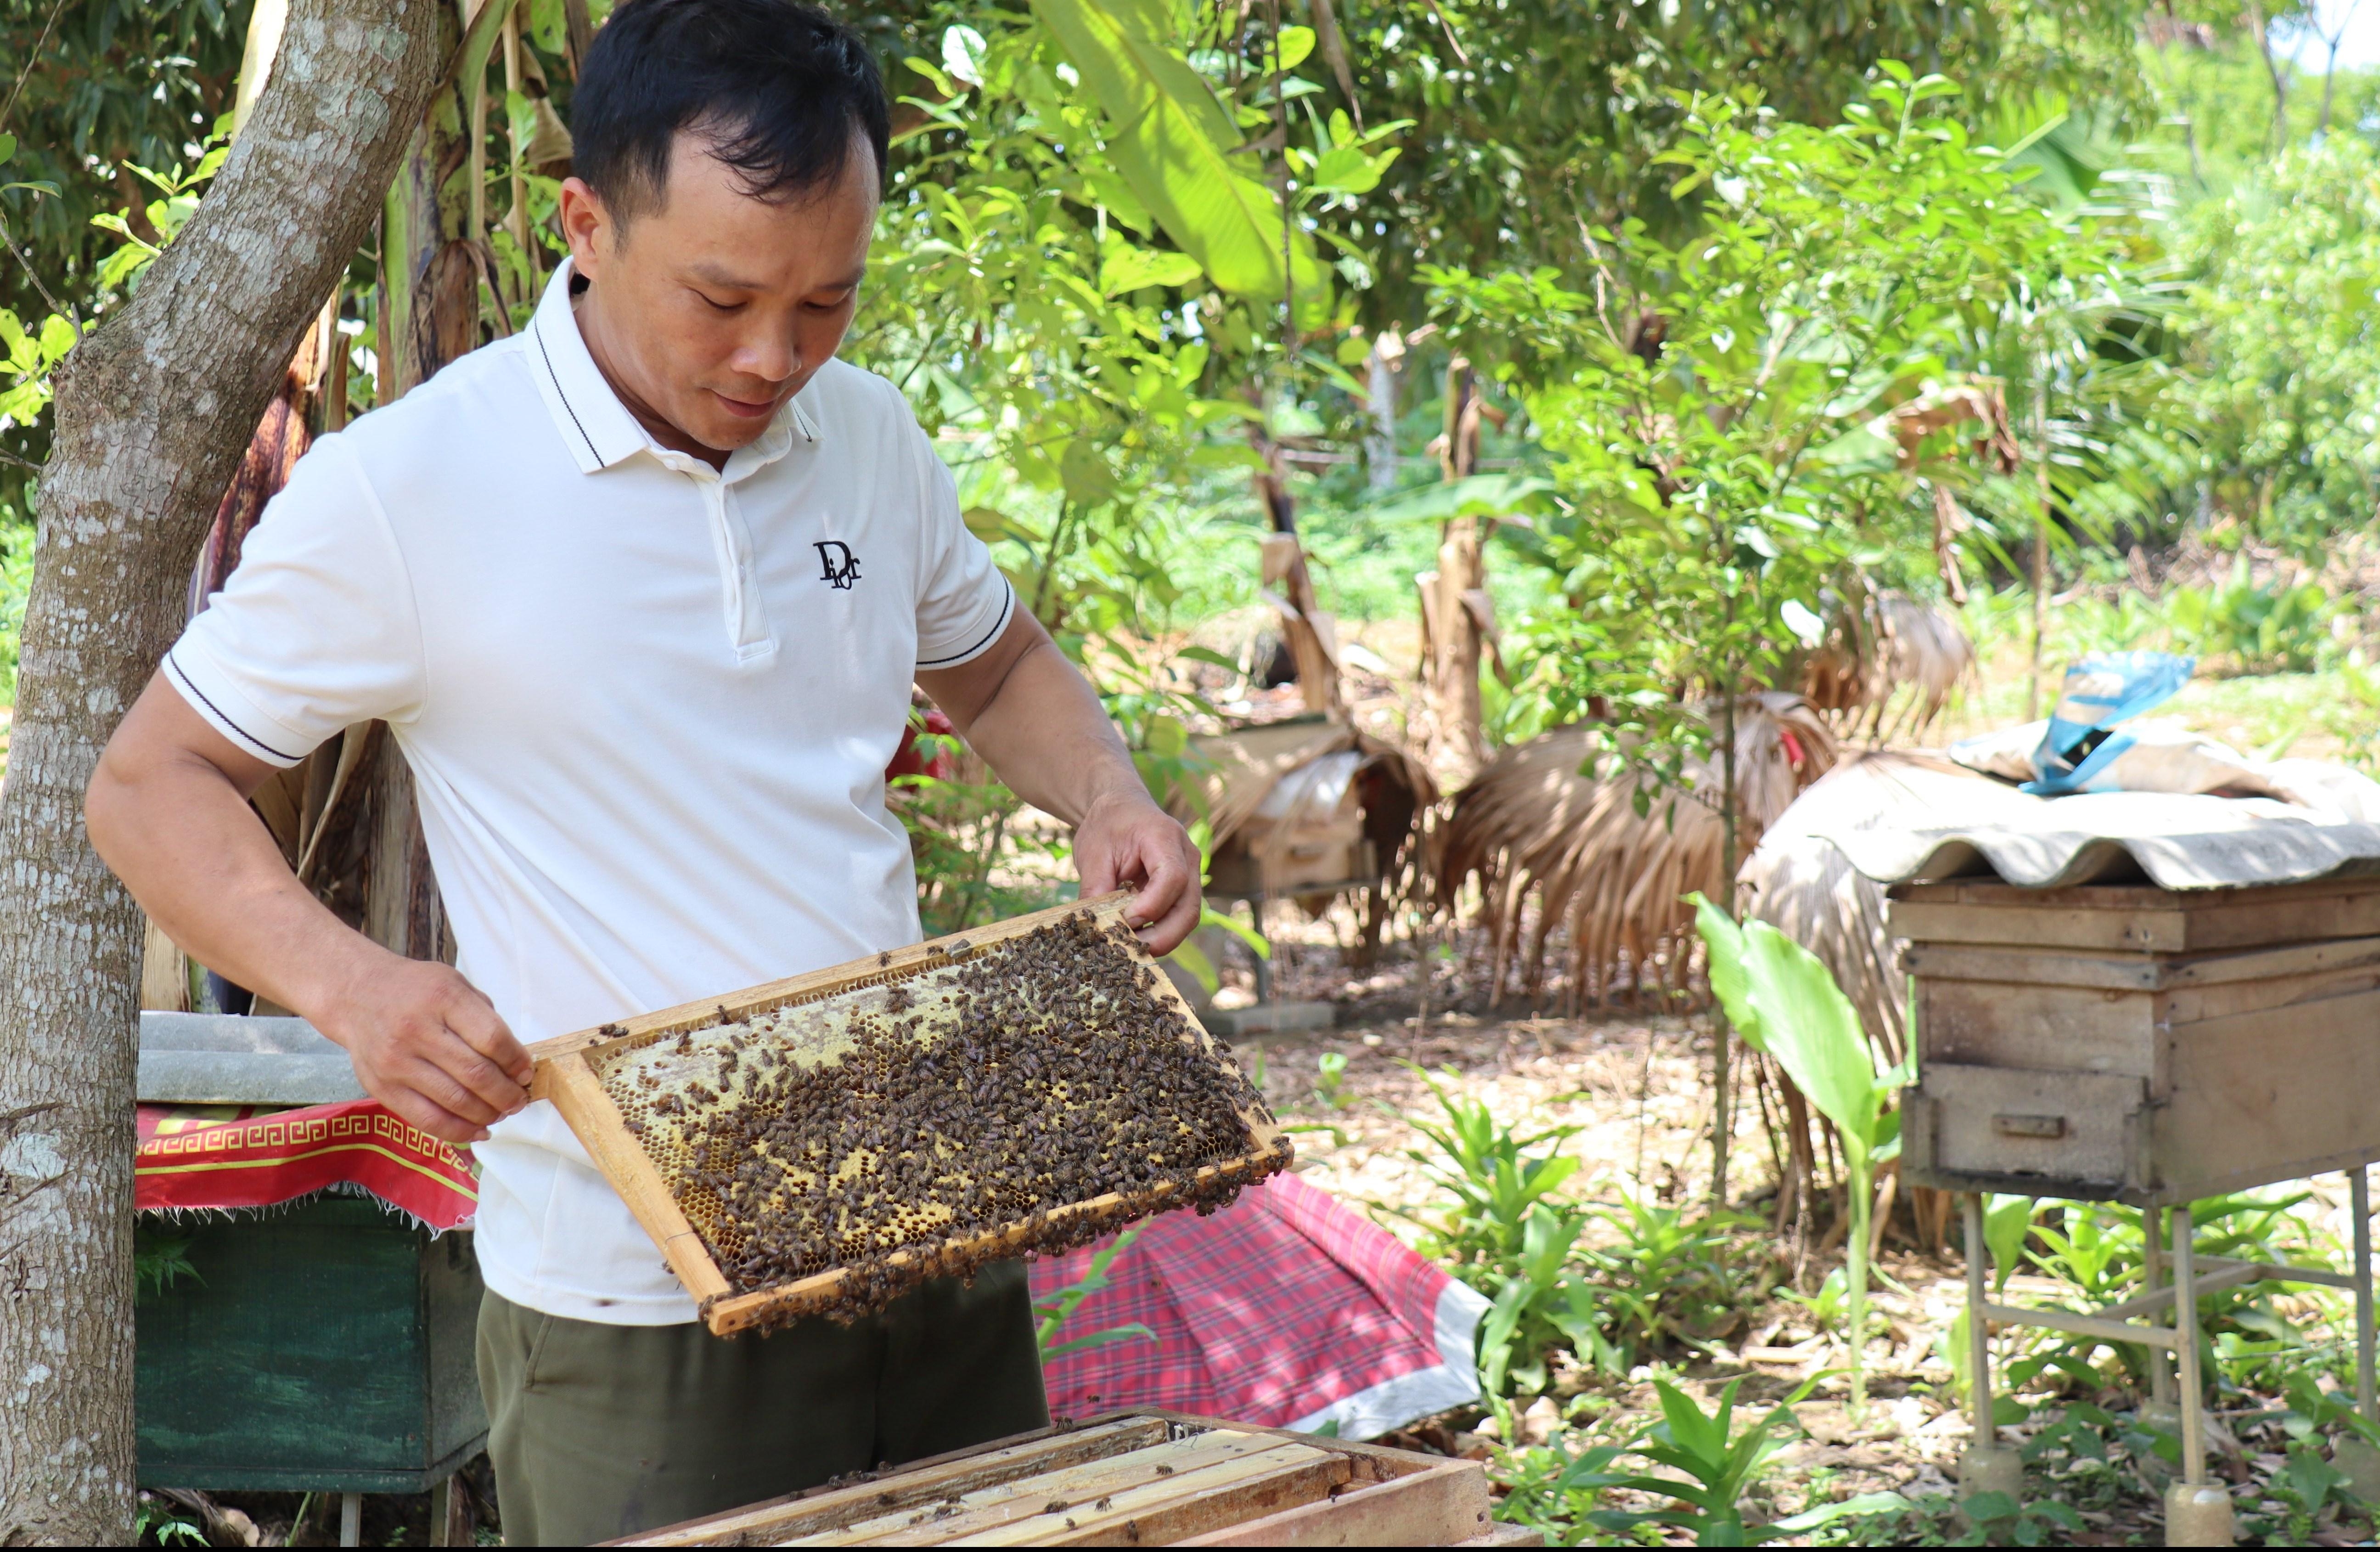 Anh Đinh Nho Tuấn cho biết, mỗi năm anh có thu nhập từ mật ong khoảng 150 triệu đồng.